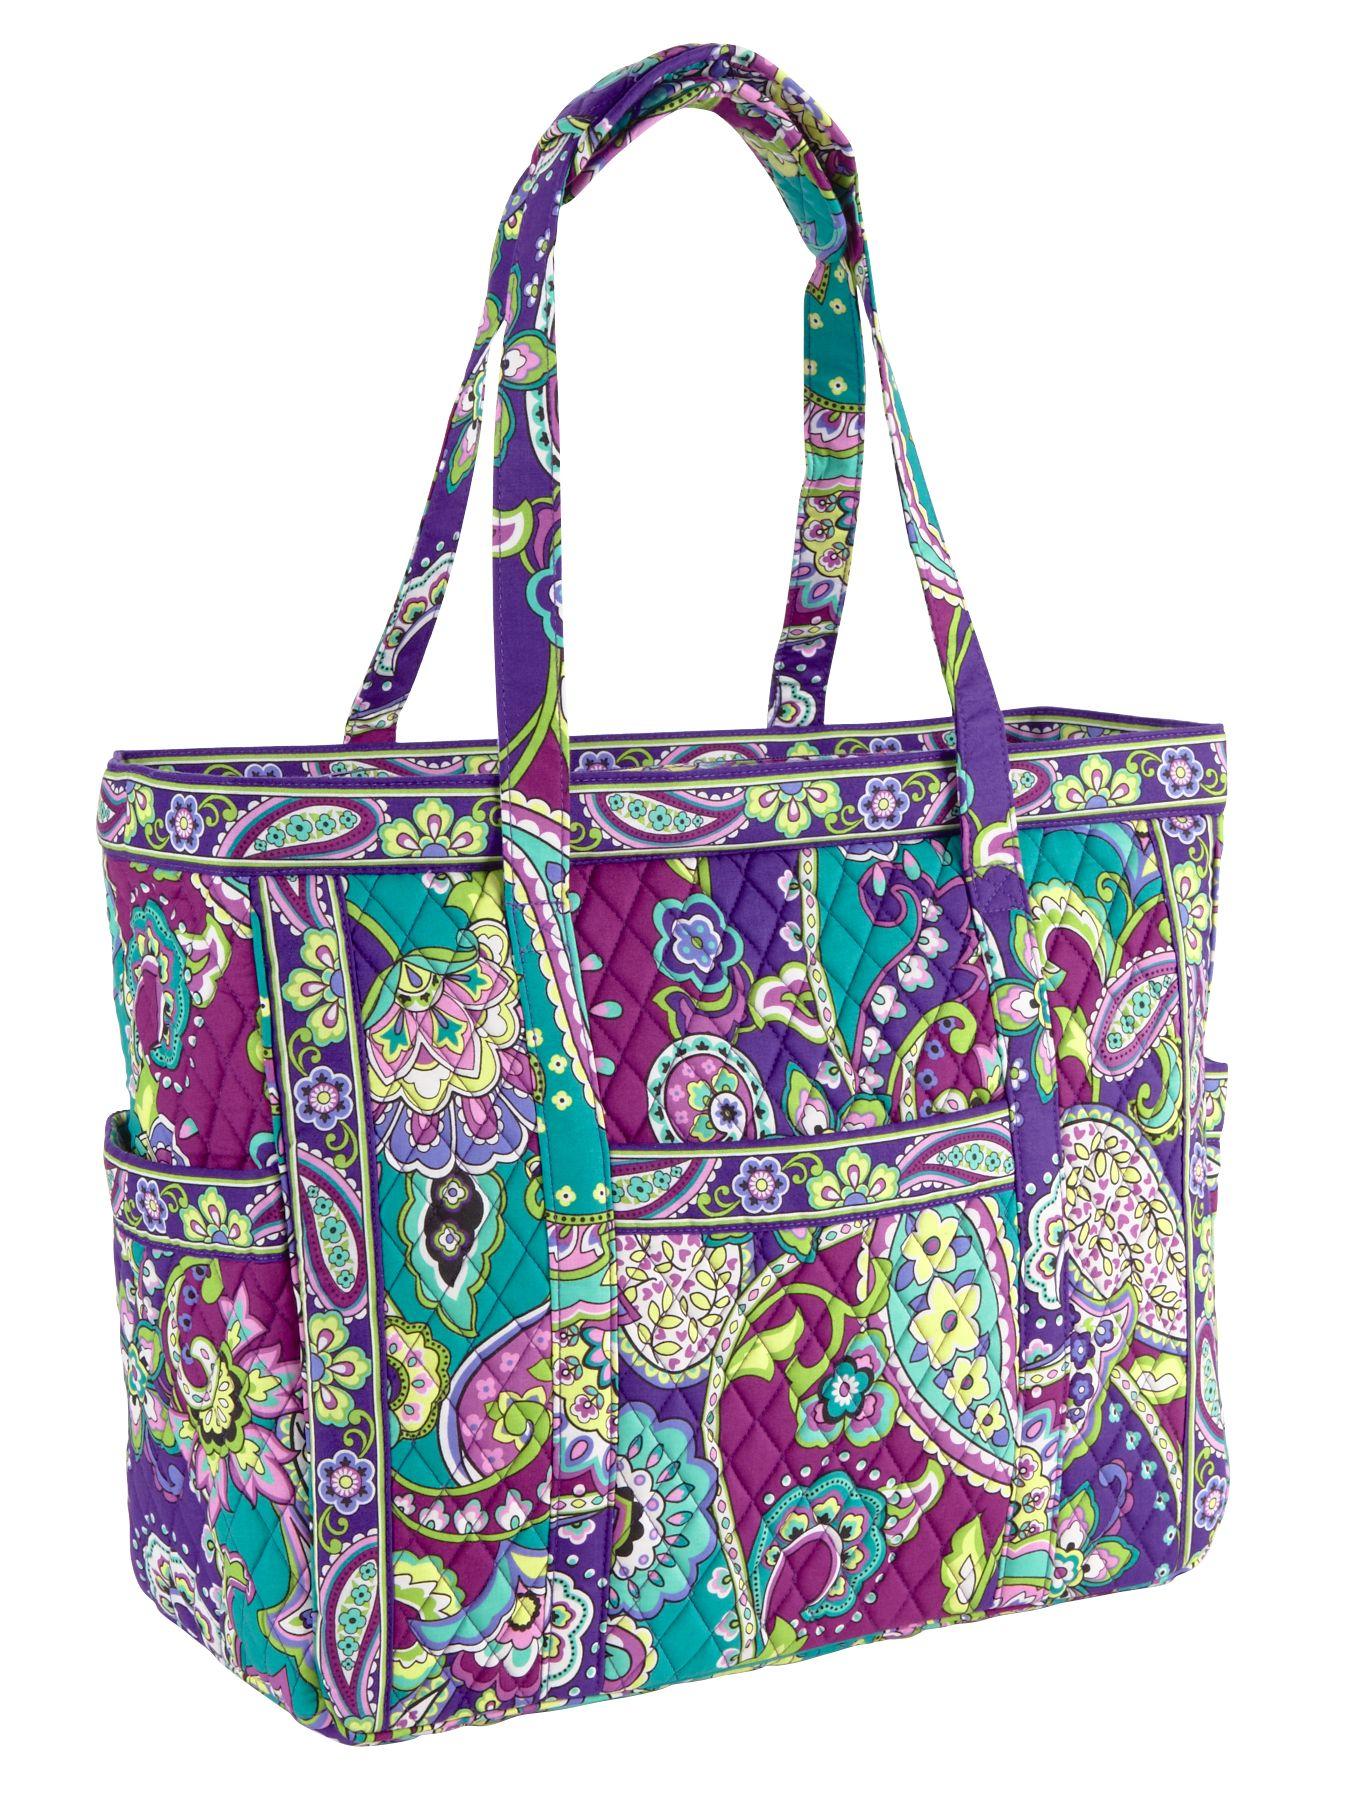 vera bradley get carried away tote bag travel bag martlocal. Black Bedroom Furniture Sets. Home Design Ideas